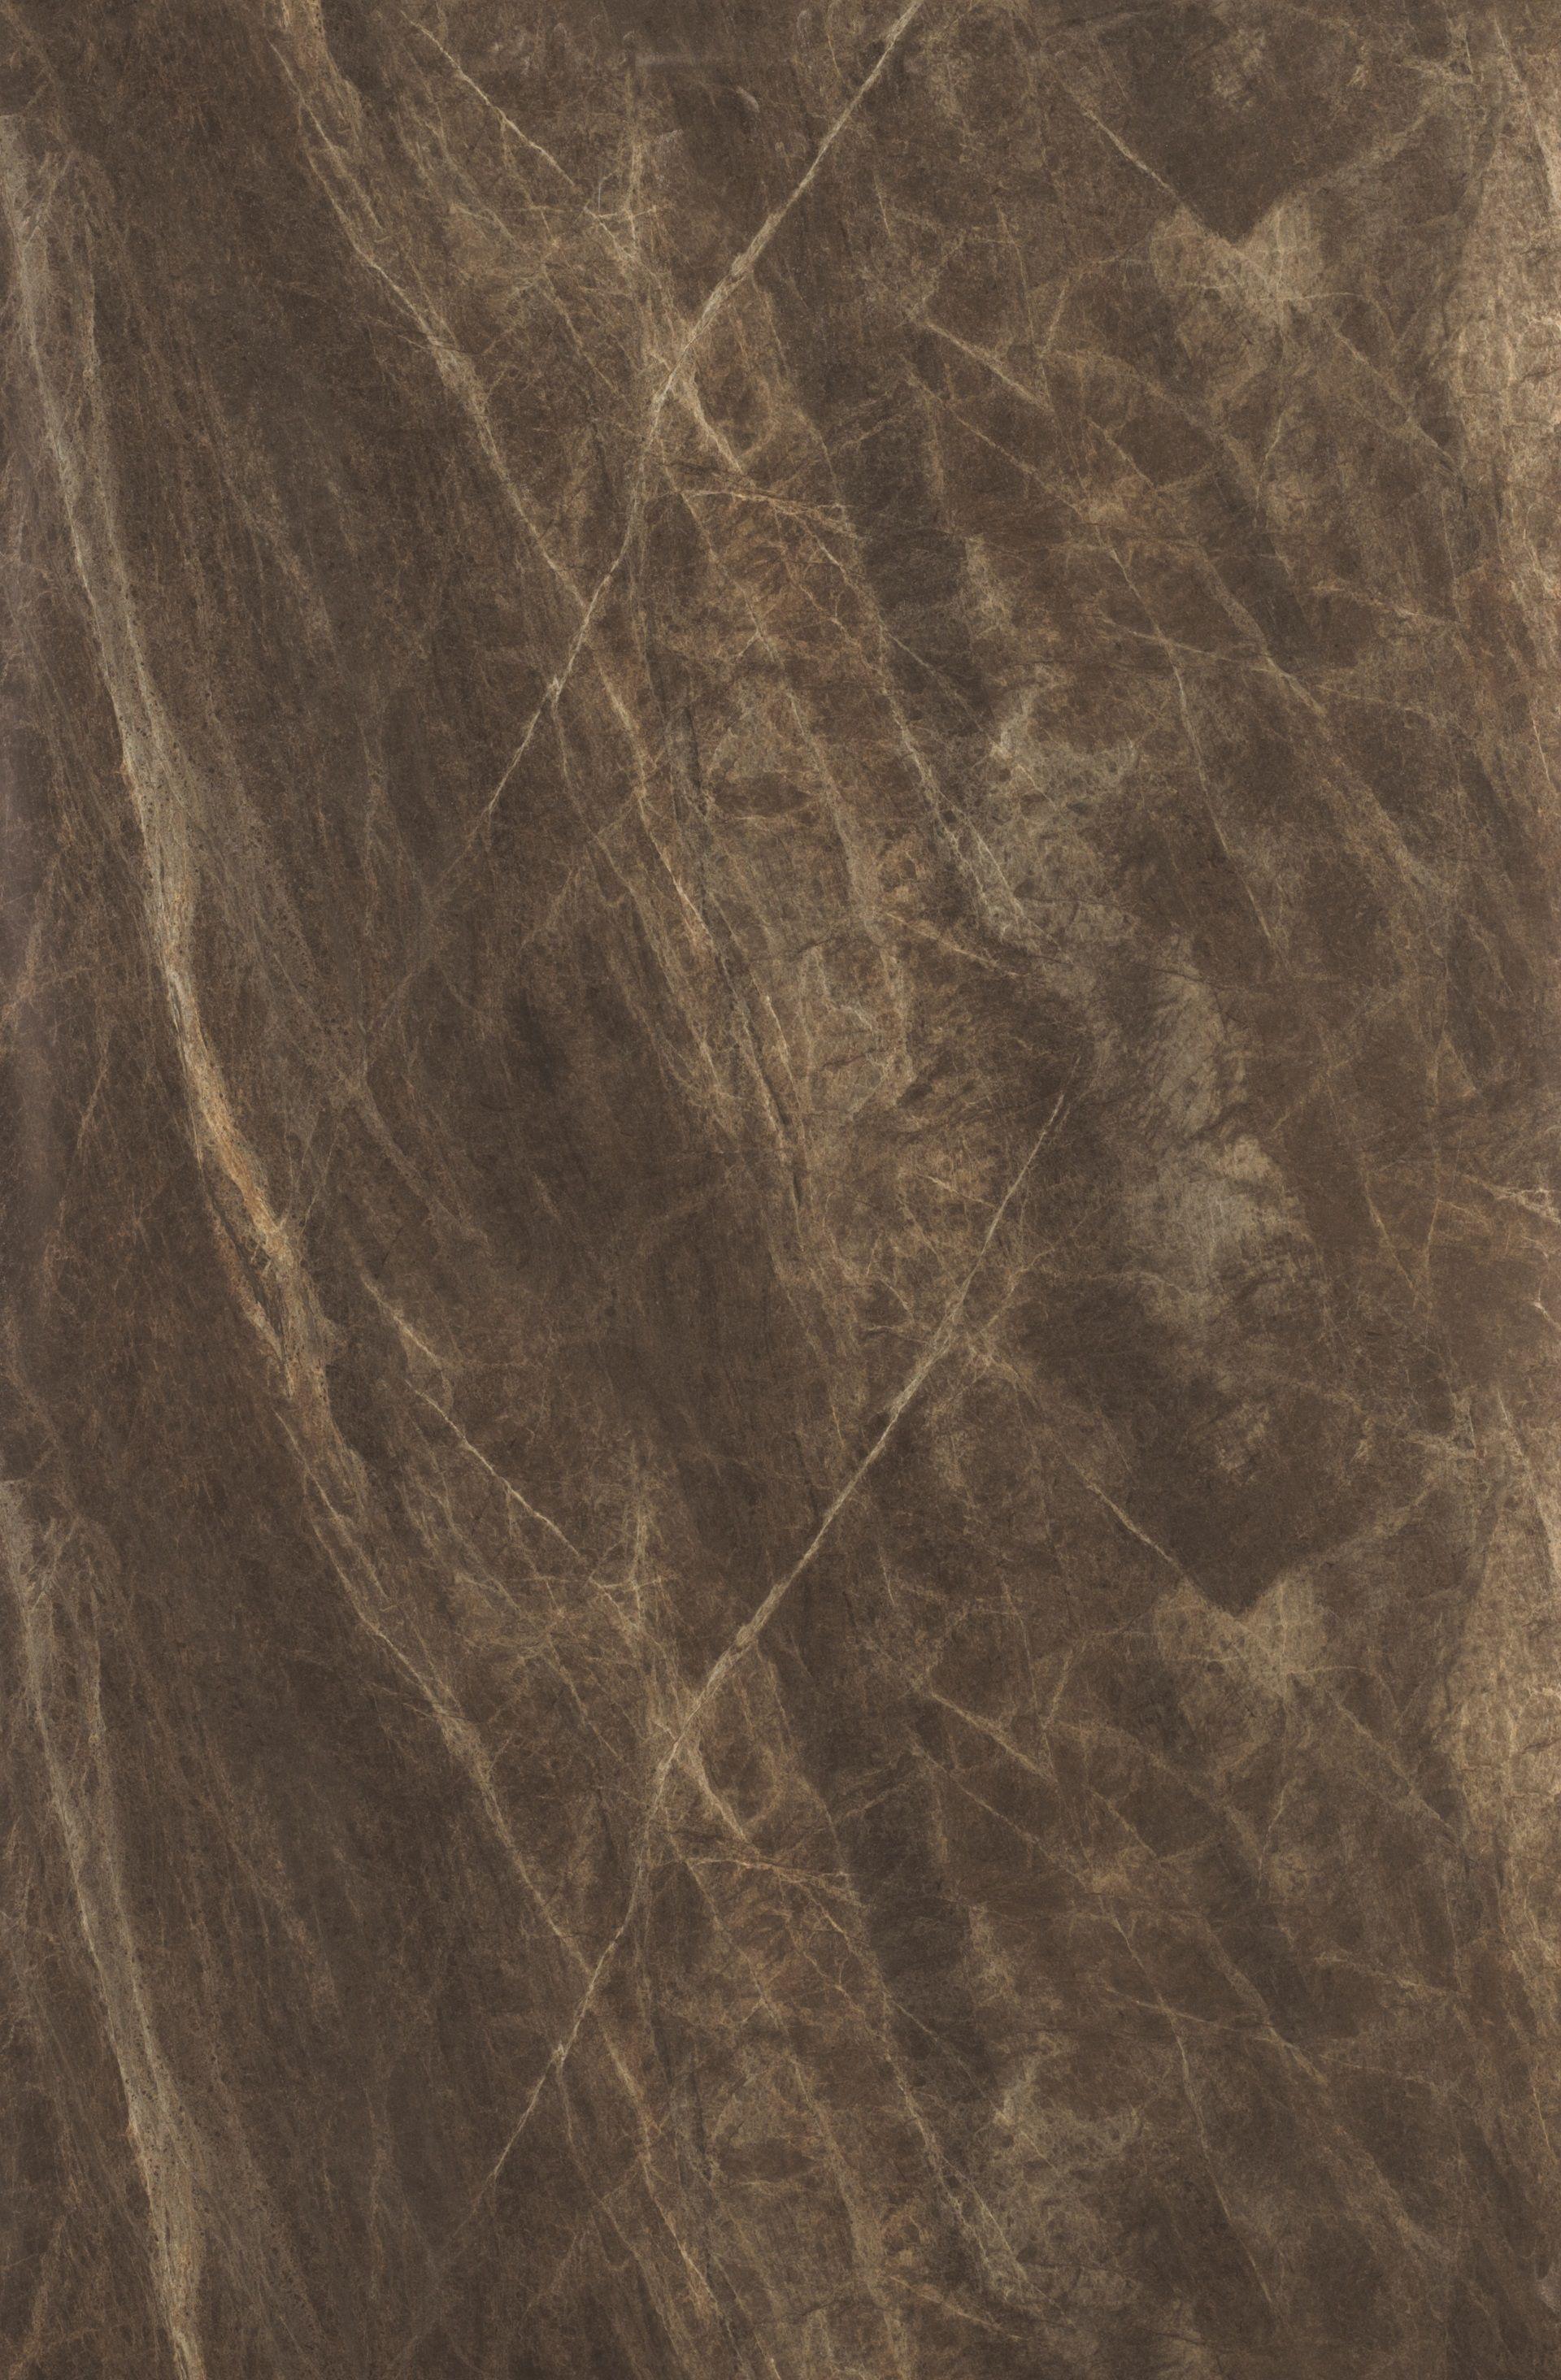 富美家®180fx™ - 石板棕 | 材质 | Pinterest | Textura